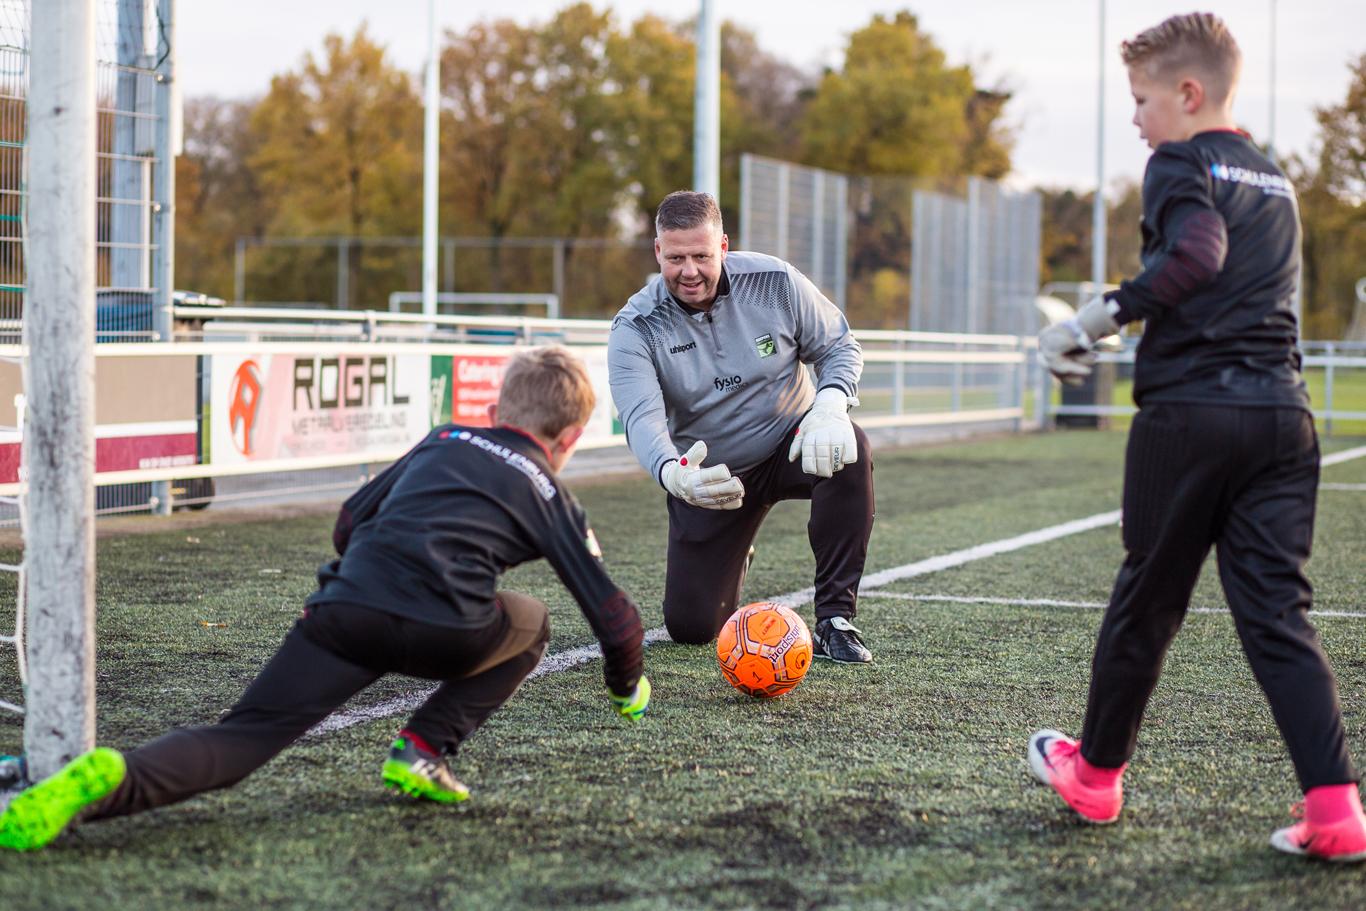 KeepersUniversity Michel Veurink KlasseKeepers